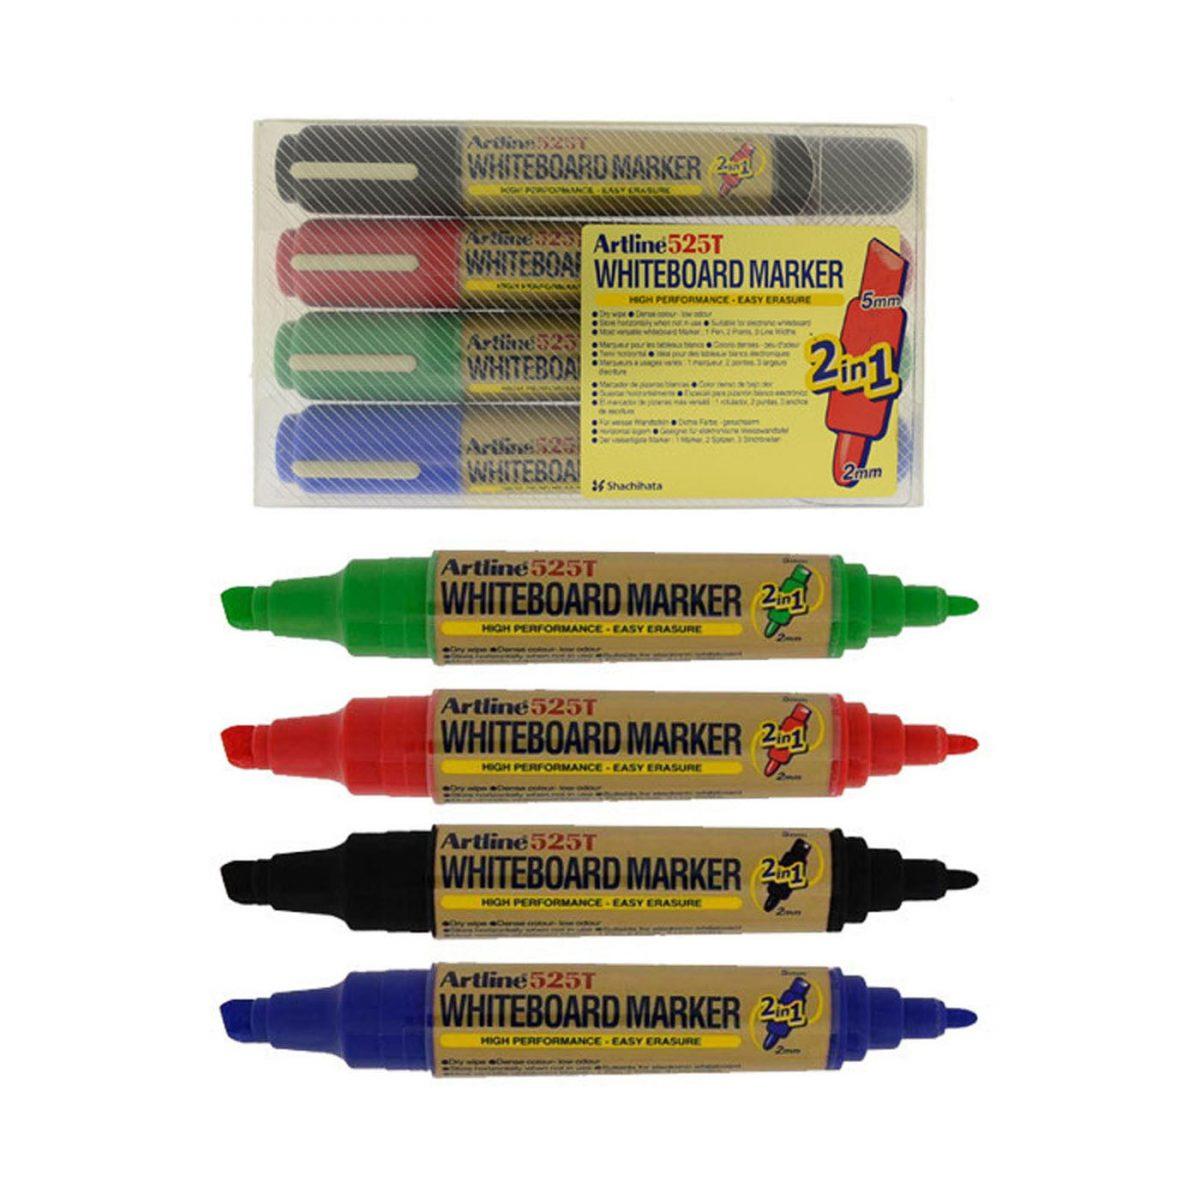 Whiteboard marker 2 capete ARTLINE 525T, 4 buc/set, varf rotund 2.0mm/tesit 5.0mm